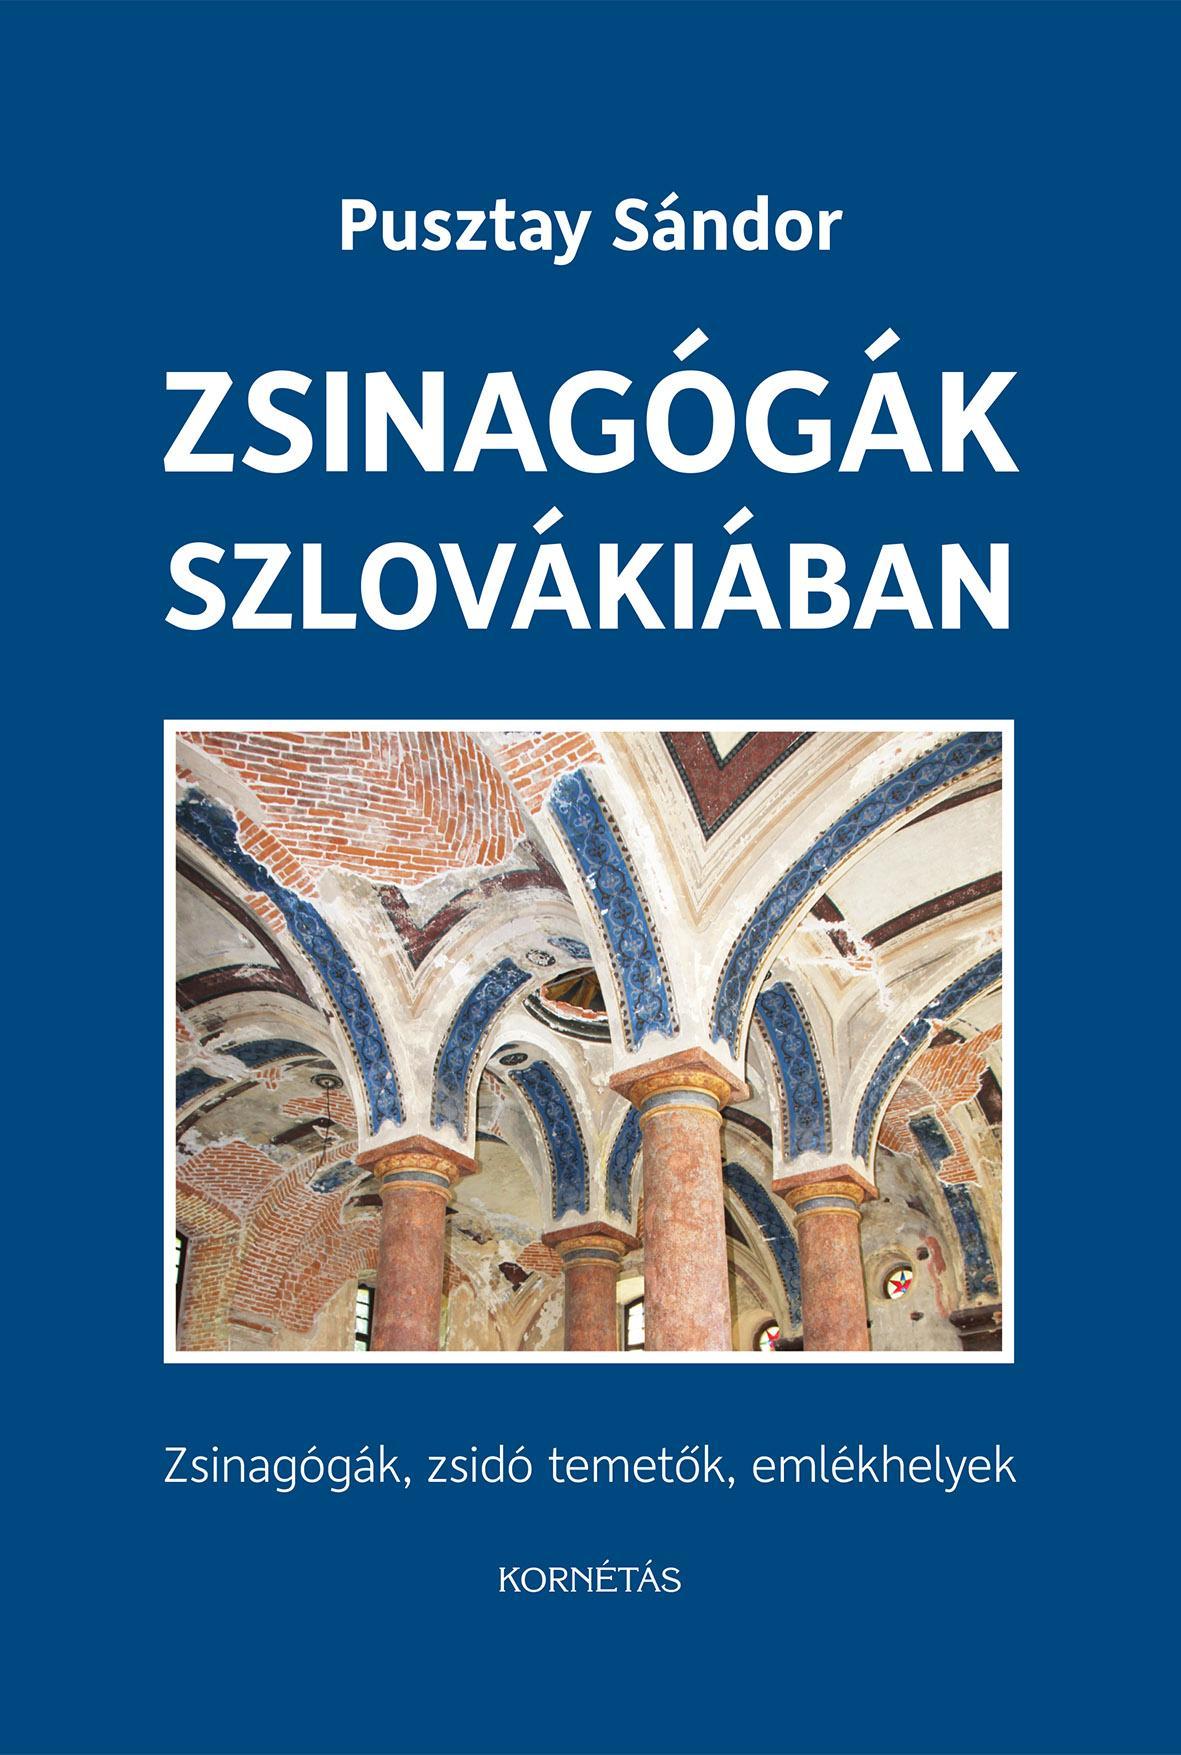 ZSINAGÓGÁK SZLOVÁKIÁBAN - ZSINAGÓGÁK, ZSIDÓ TEMETŐK, EMLÉKHELYEK